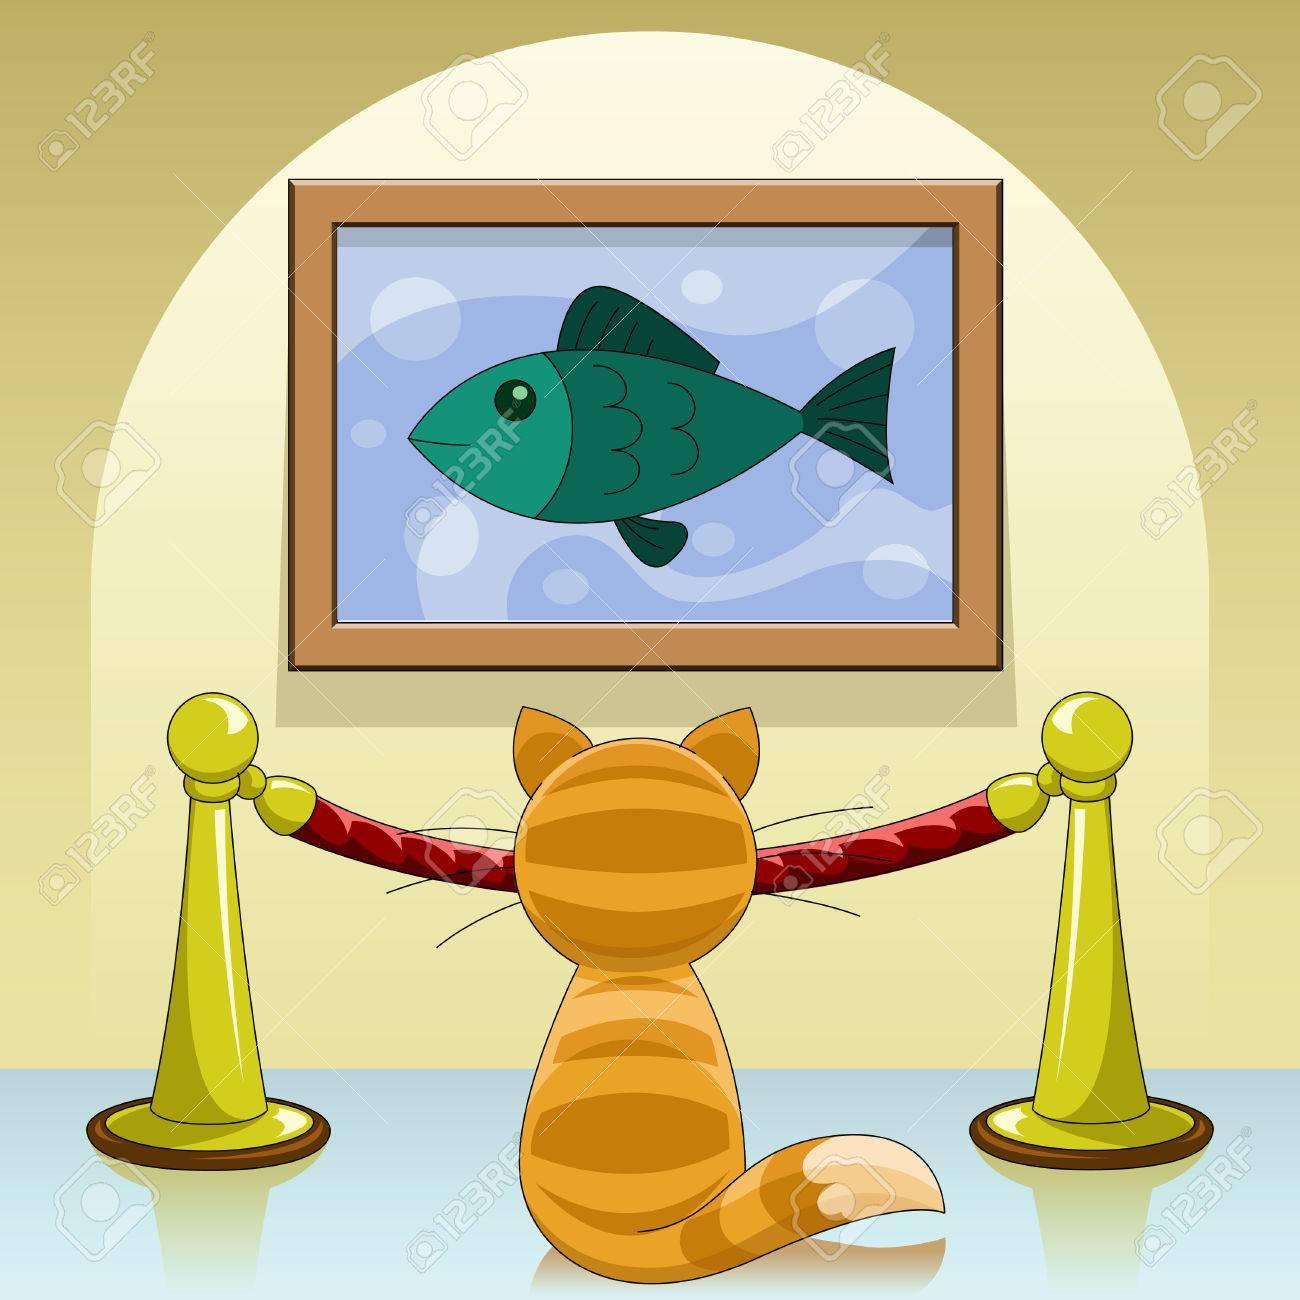 Cartoon cat in picture gallery Stock Vector - 7729996